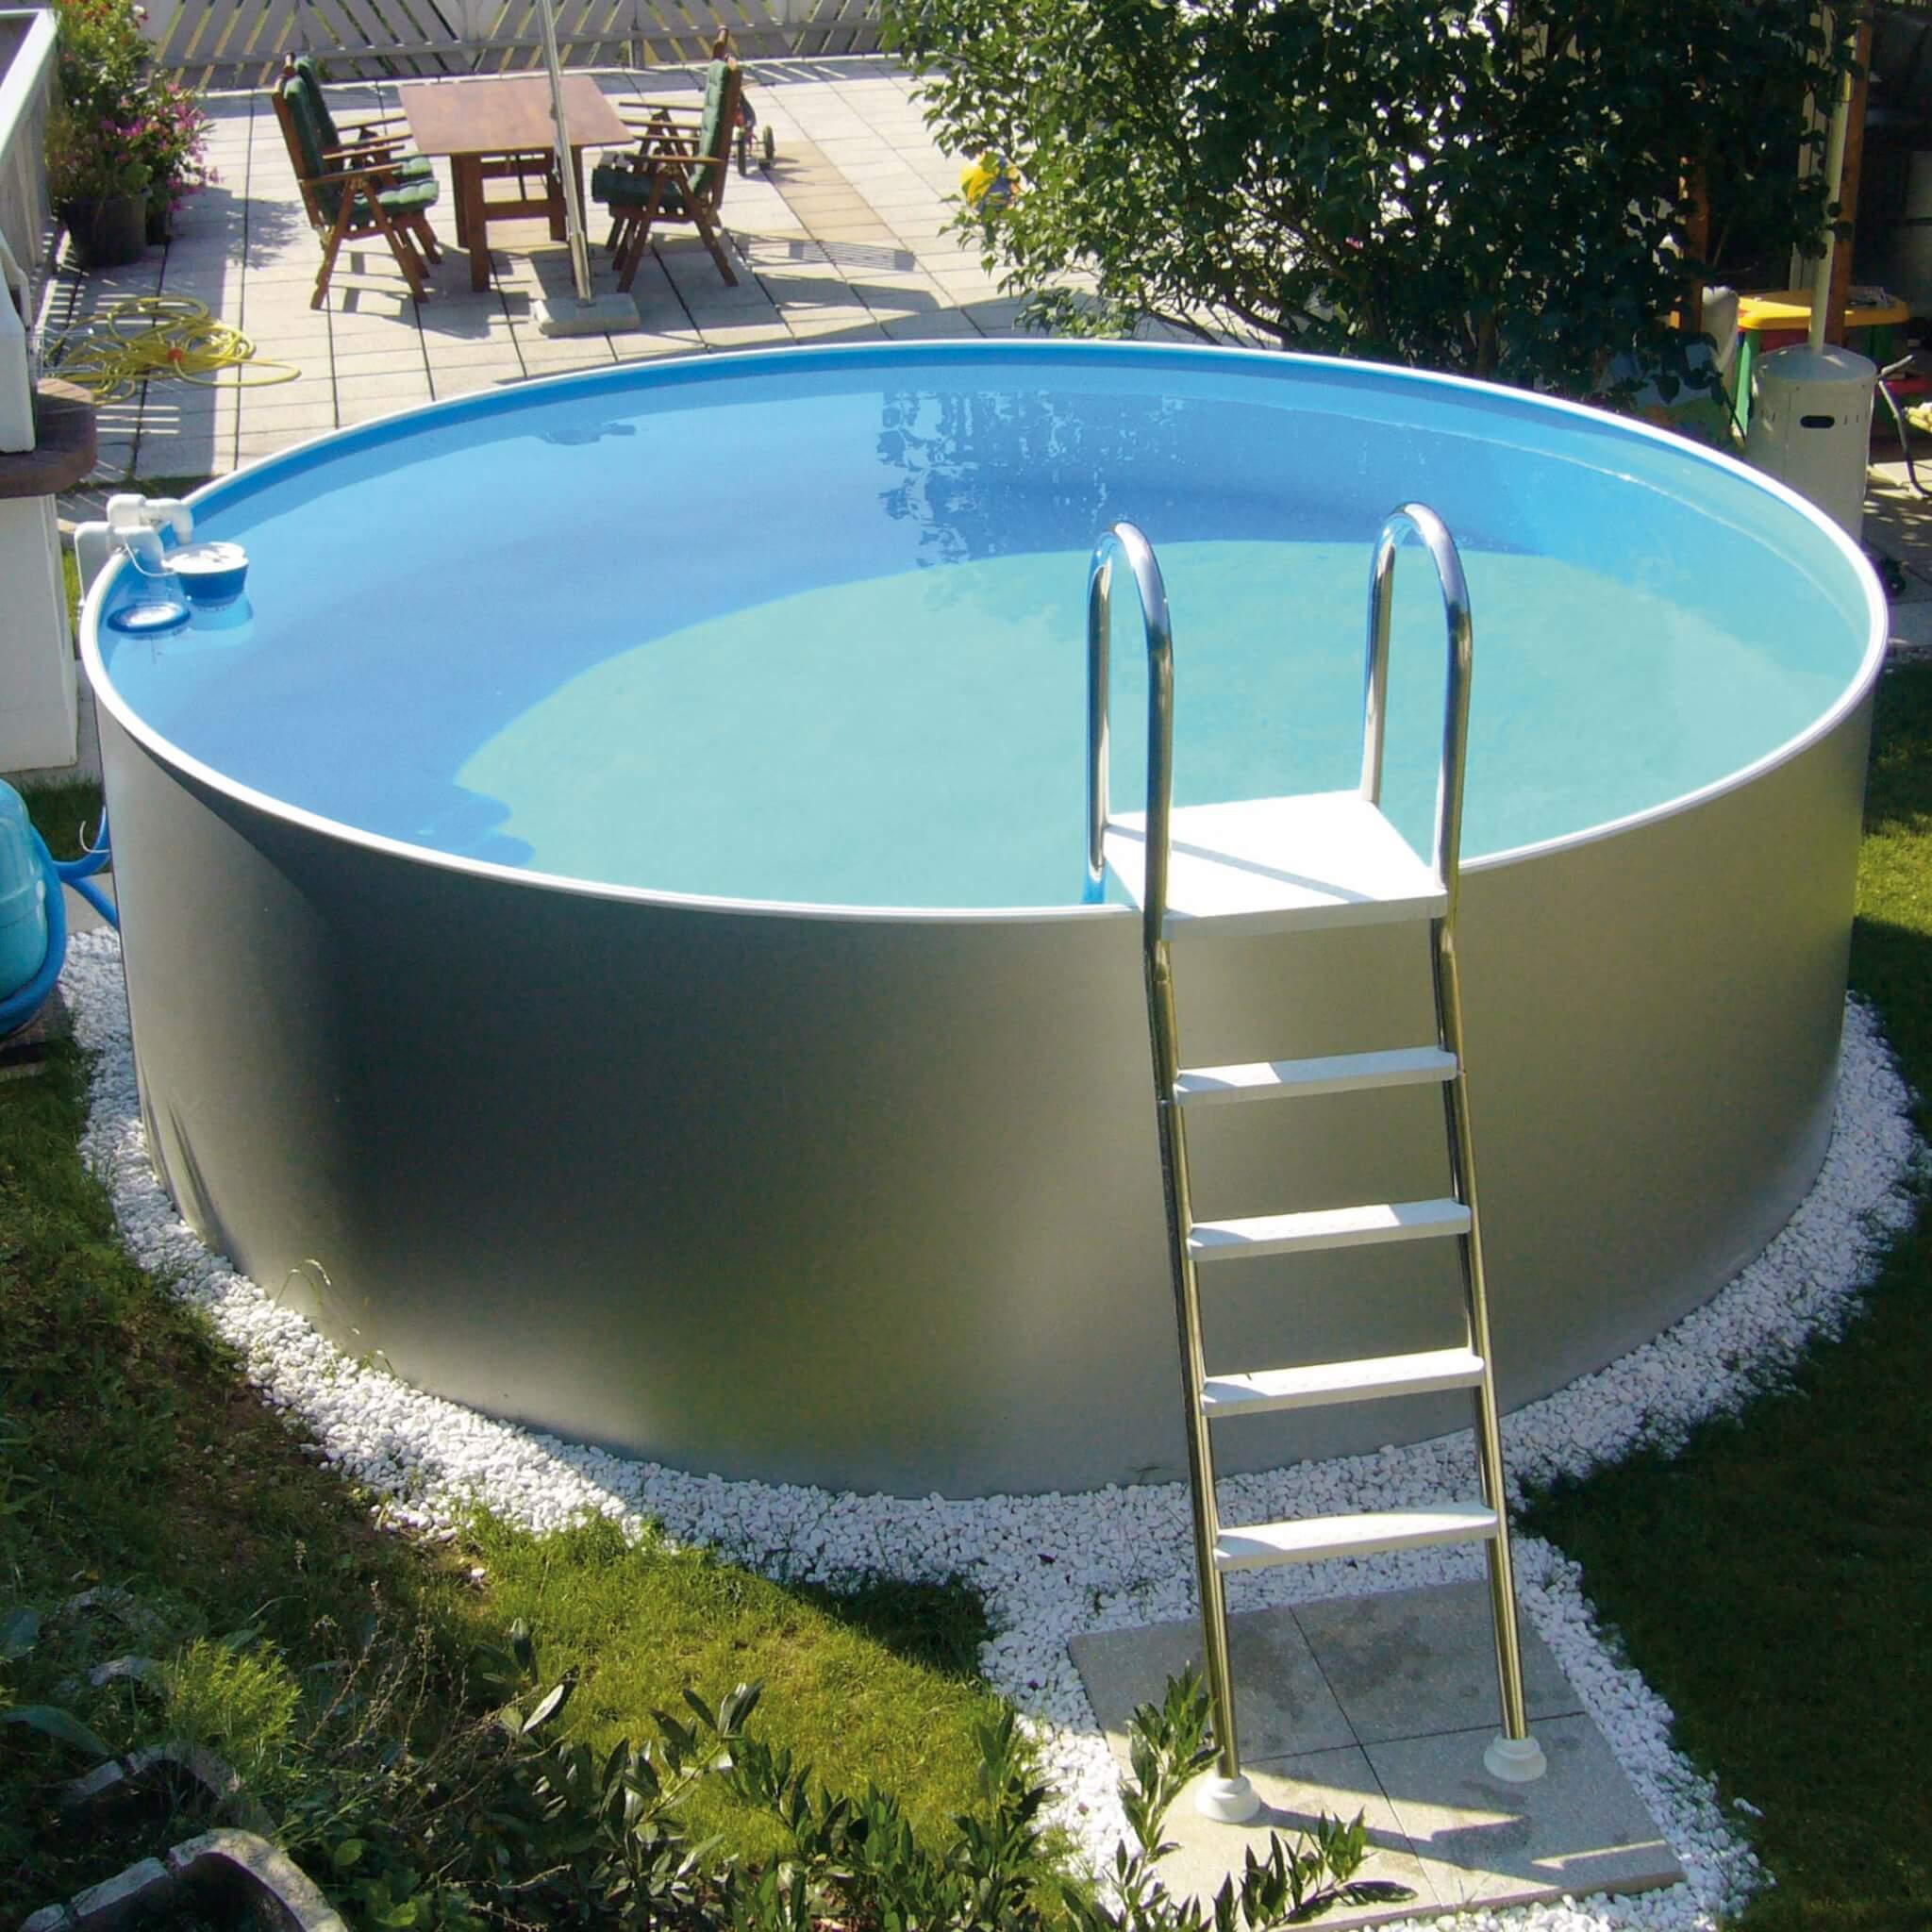 Aufstellbecken rund 120 cm tief for Poolfolien rundbecken